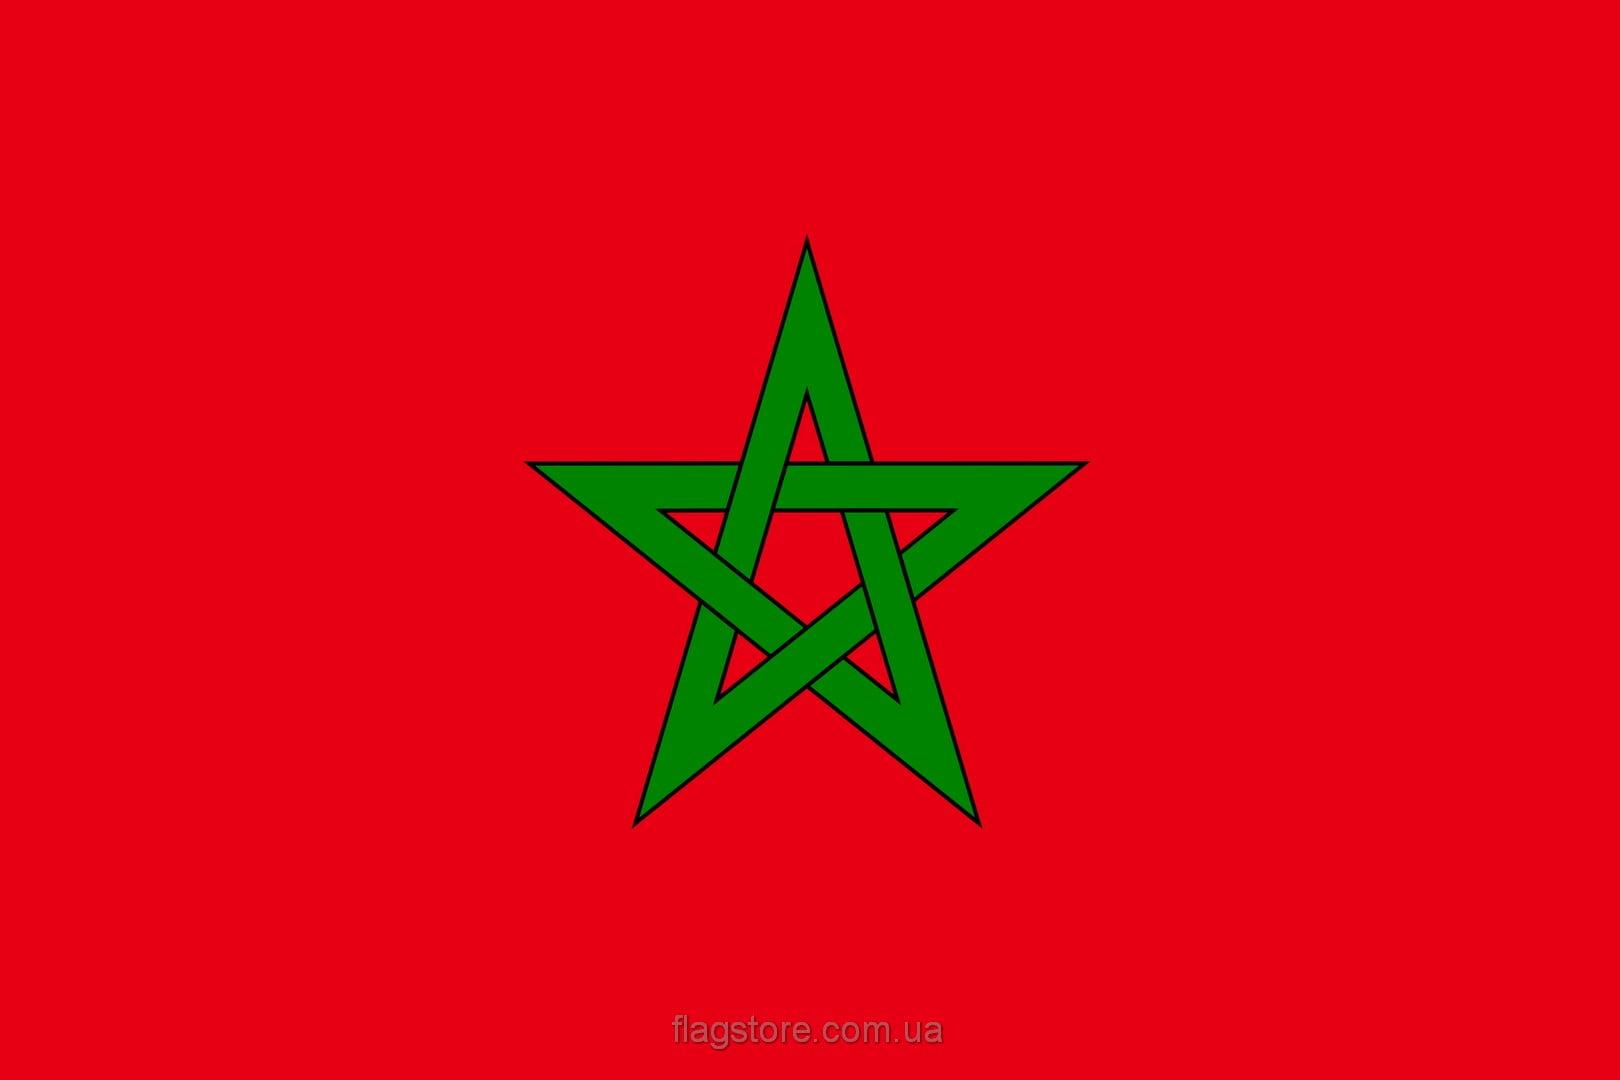 Купить флаг страны Марокко